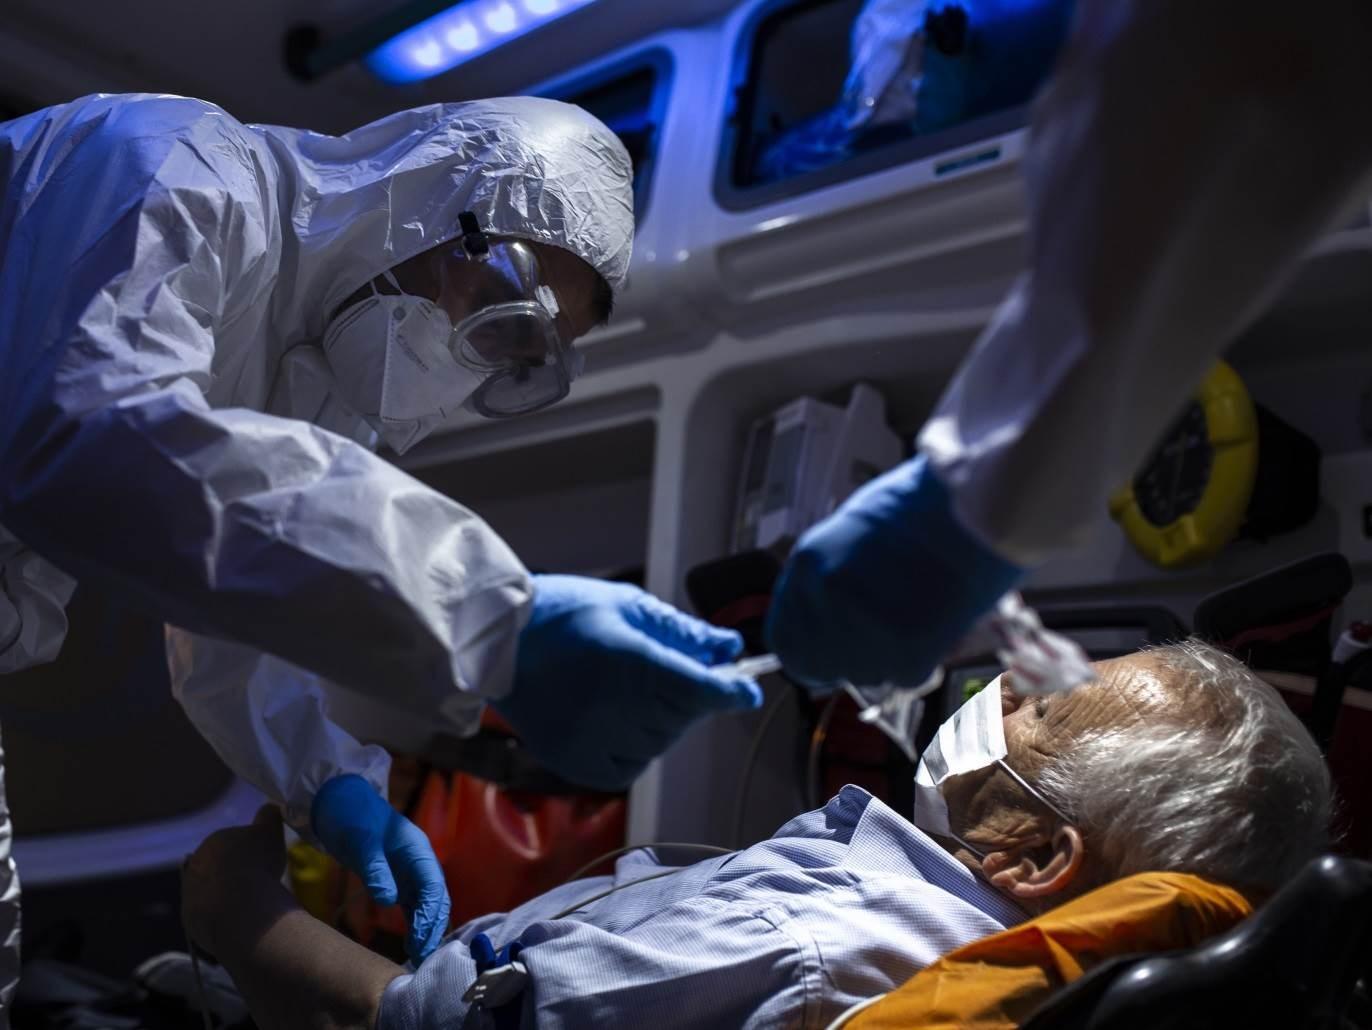 عدد الوفيات بكورونا في العالم يتجاوز ال550 ألف حالة